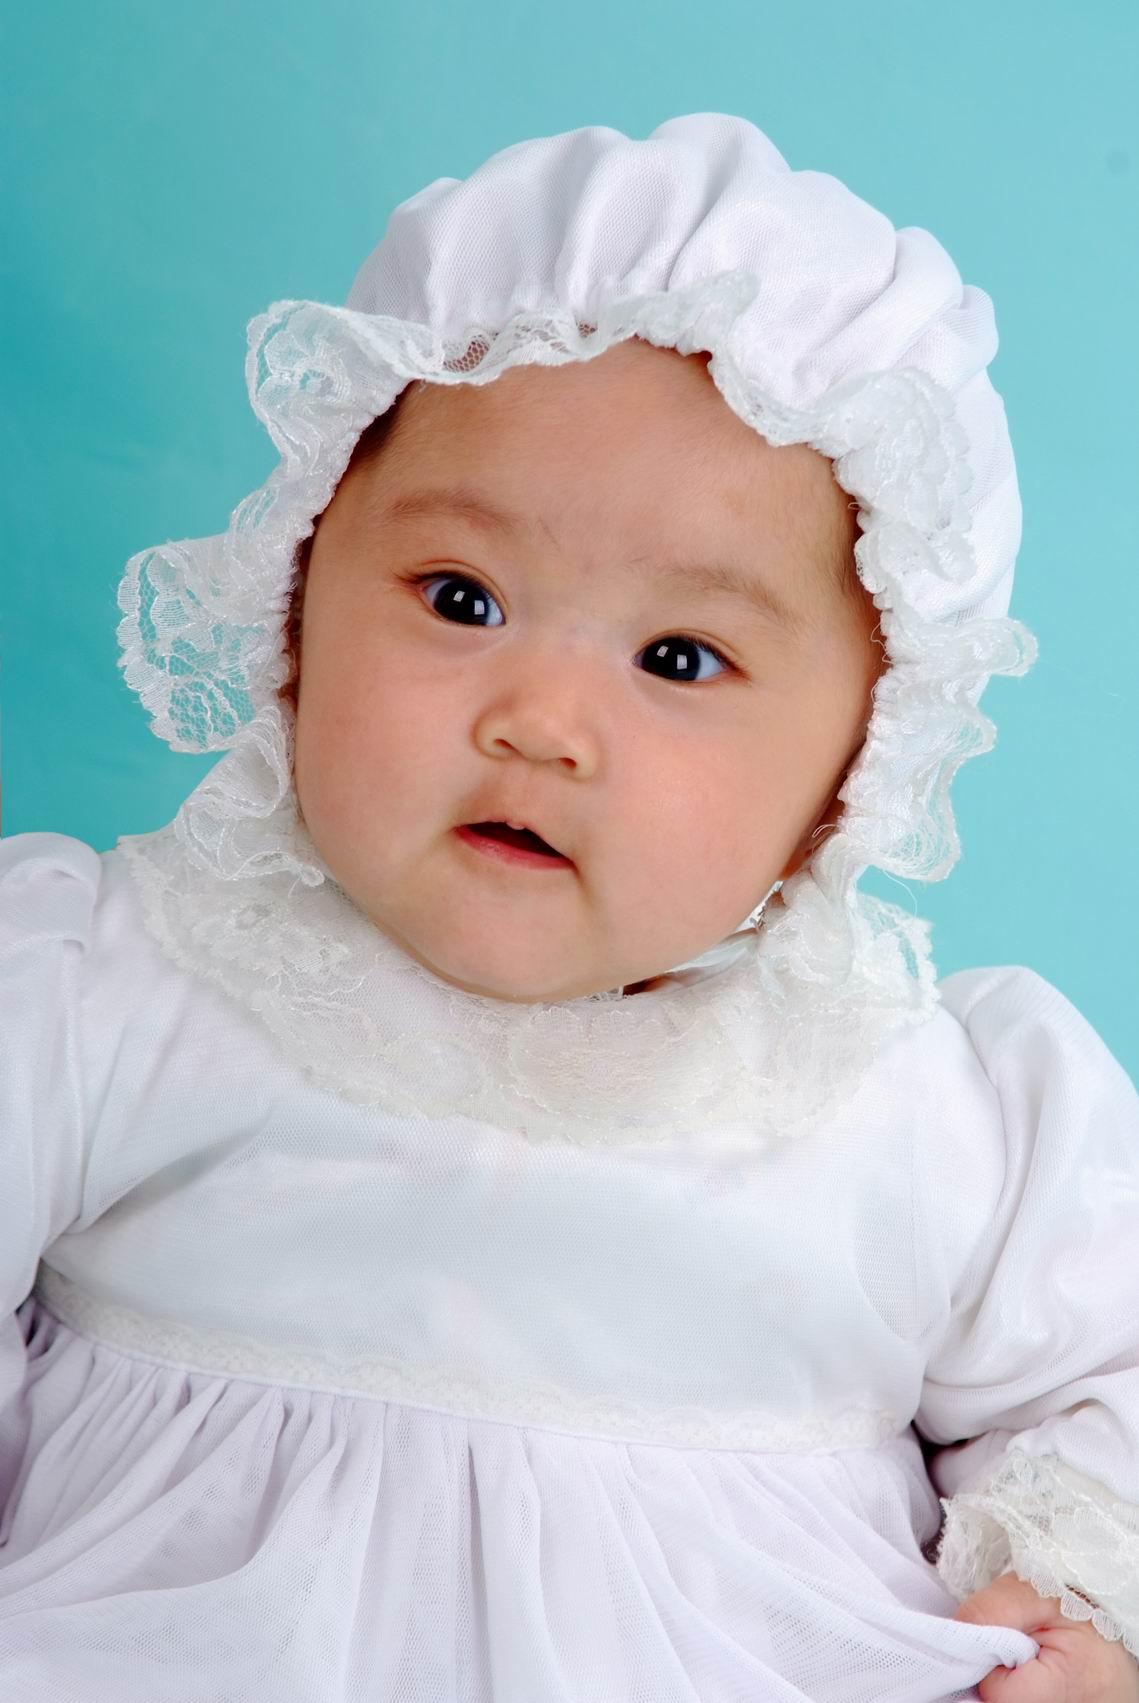 可爱宝宝 信表情